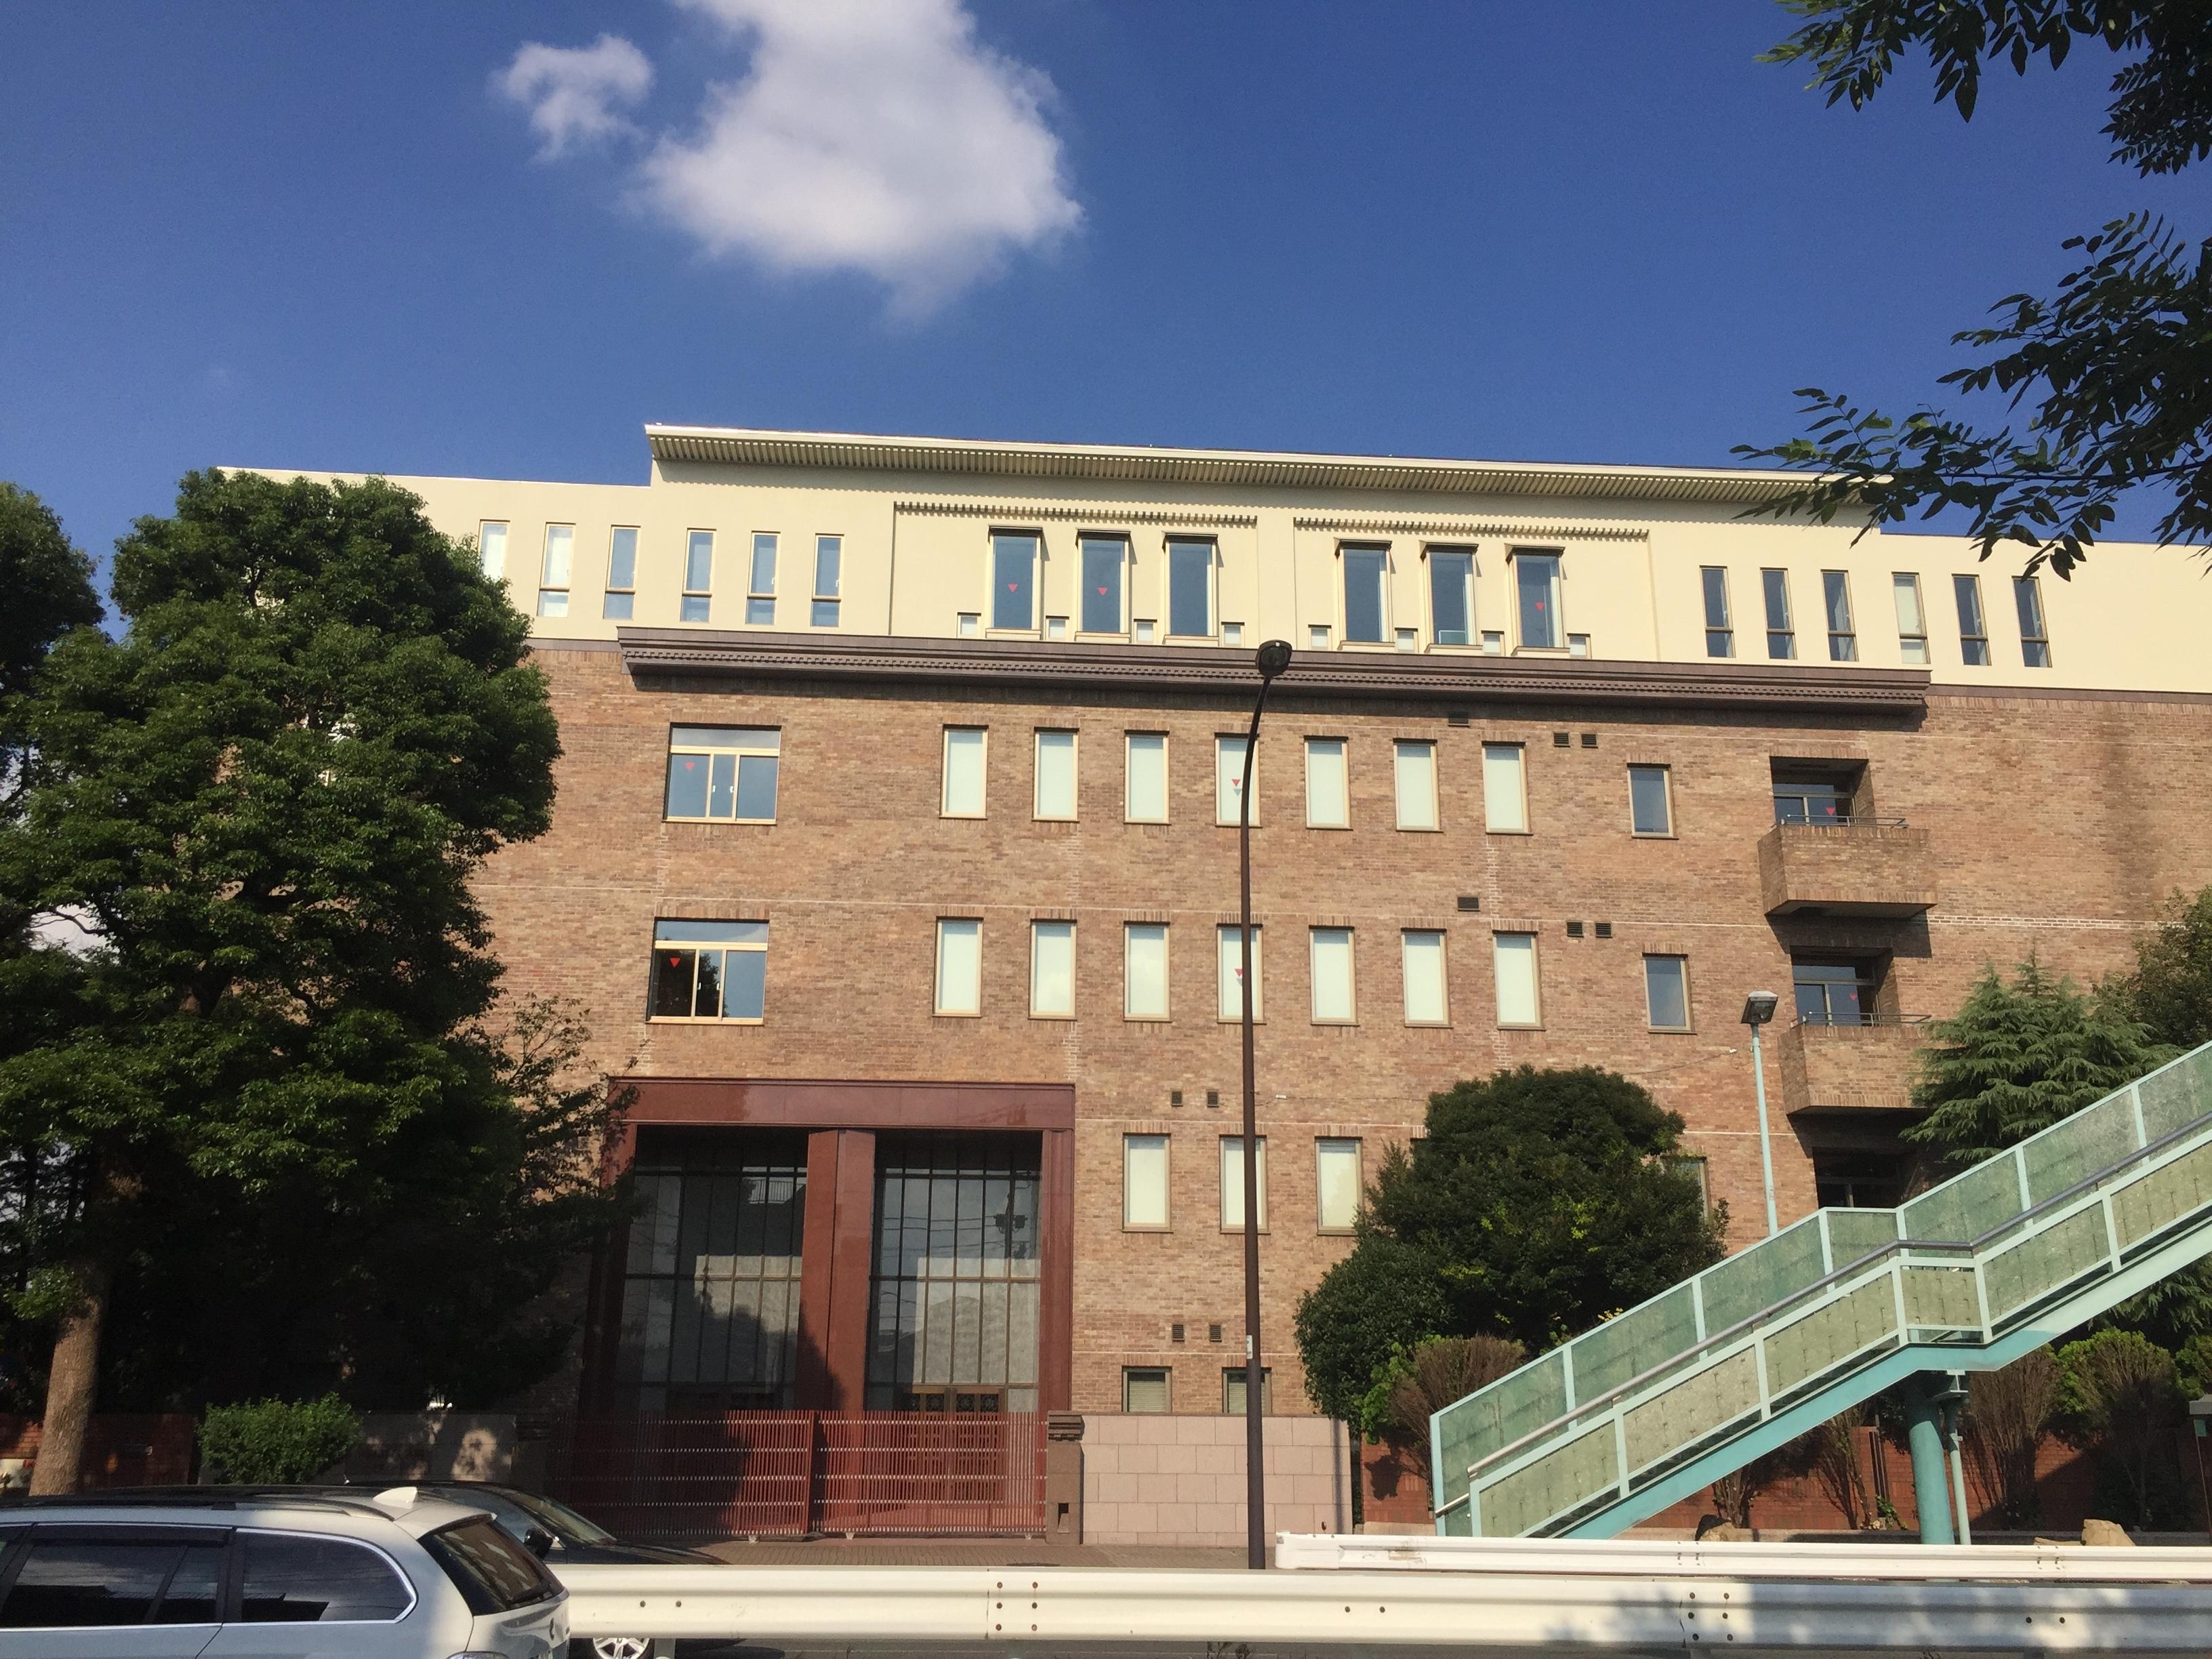 偏差 値 神戸 学院 大学